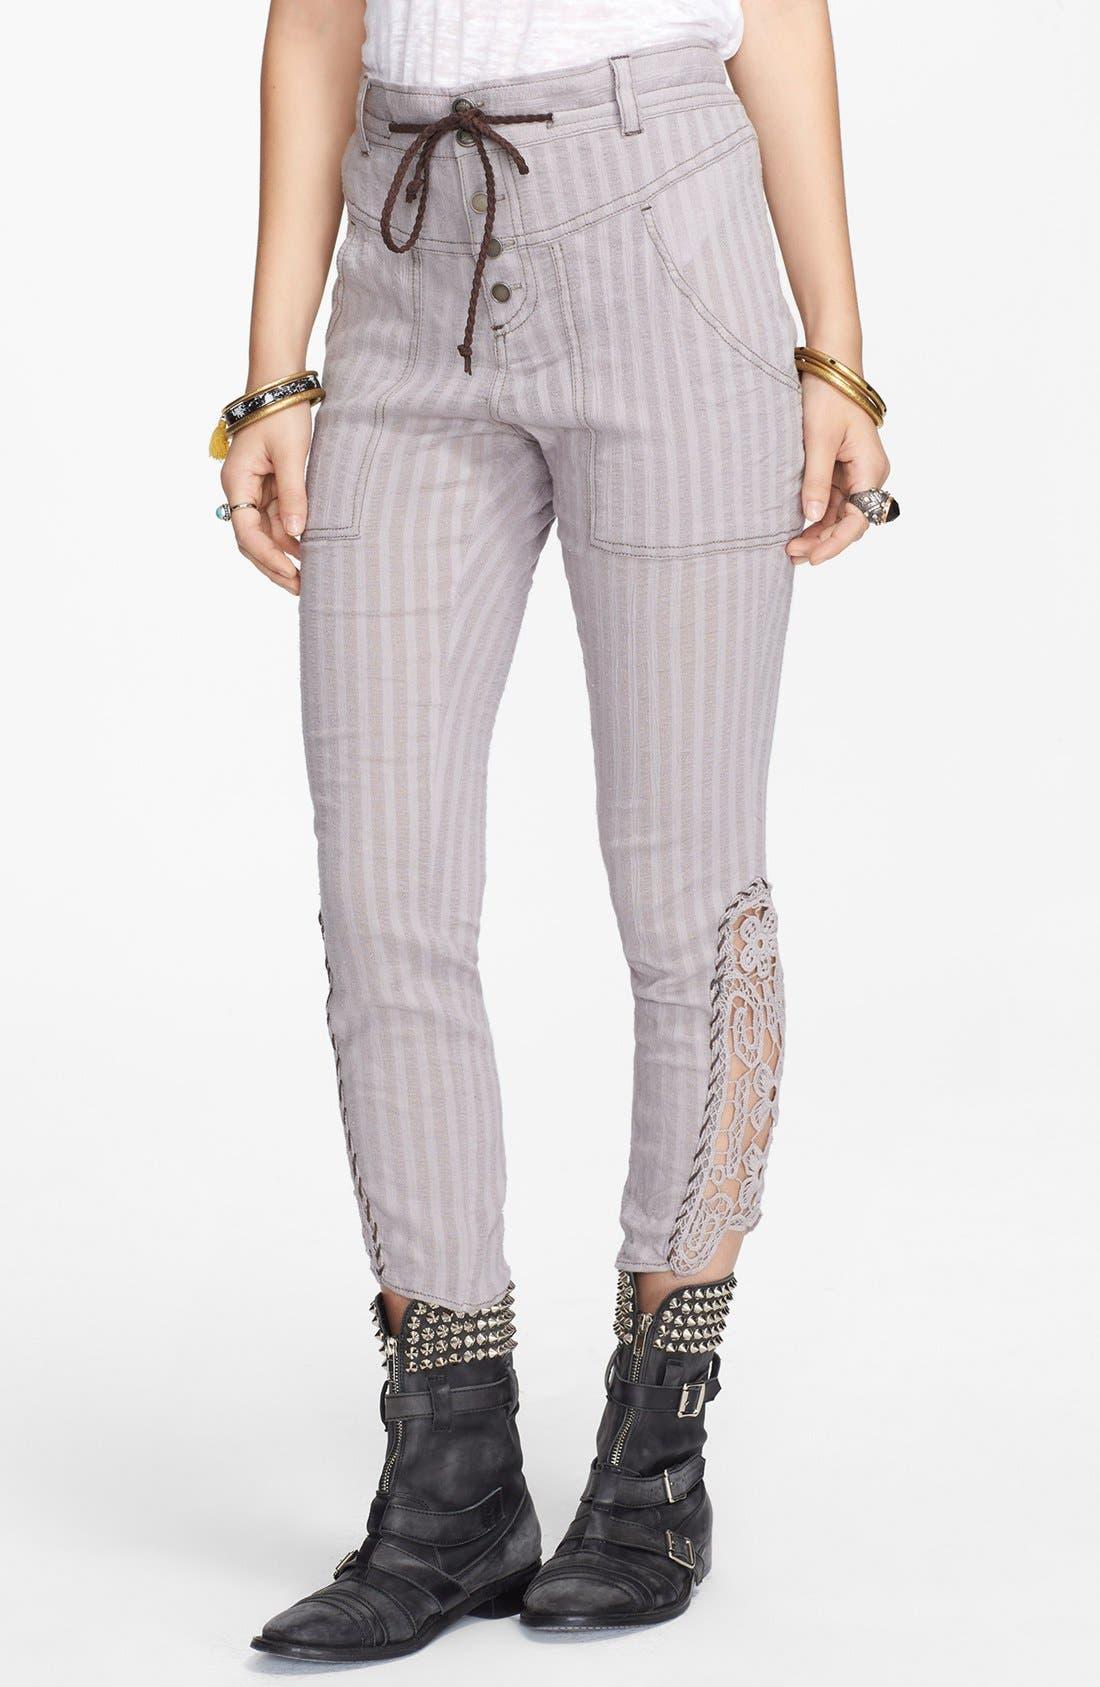 Alternate Image 1 Selected - Free People Crochet Inset Crop Pants